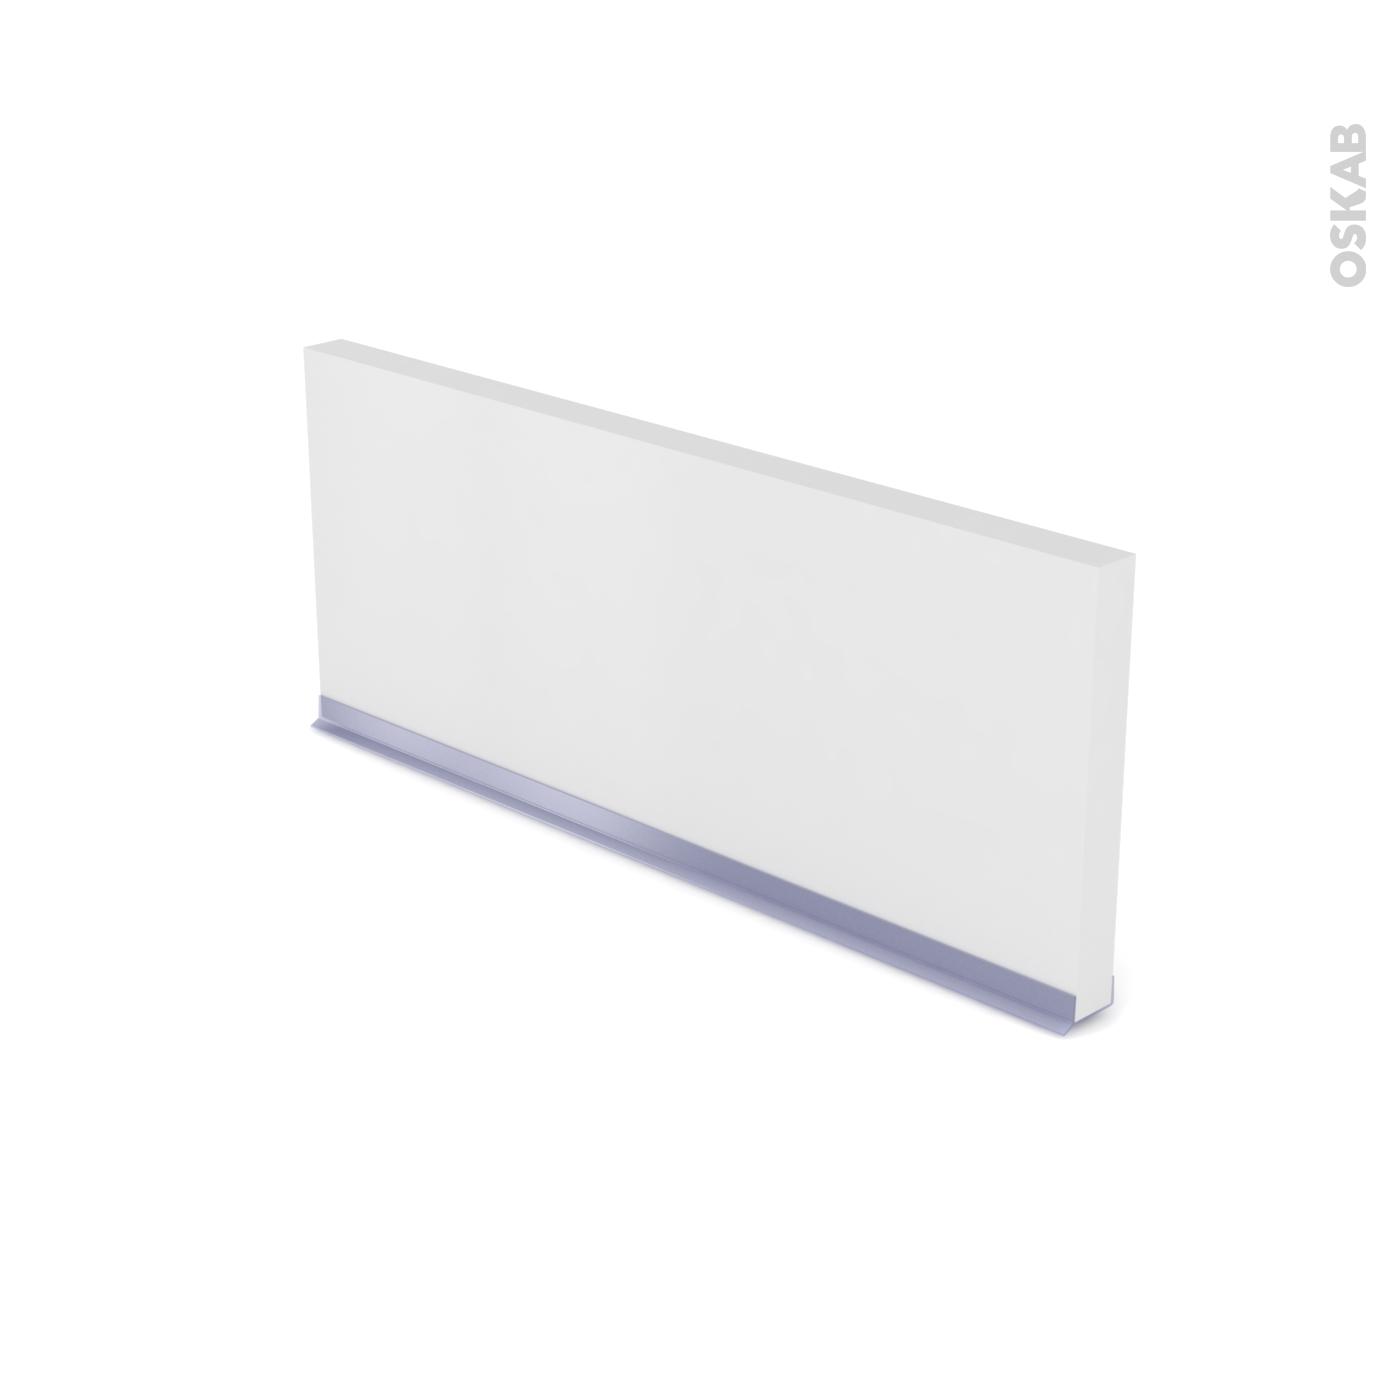 Plinthe De Cuisine Ginko Blanc Avec Joint D Etancheite L220xh15 4